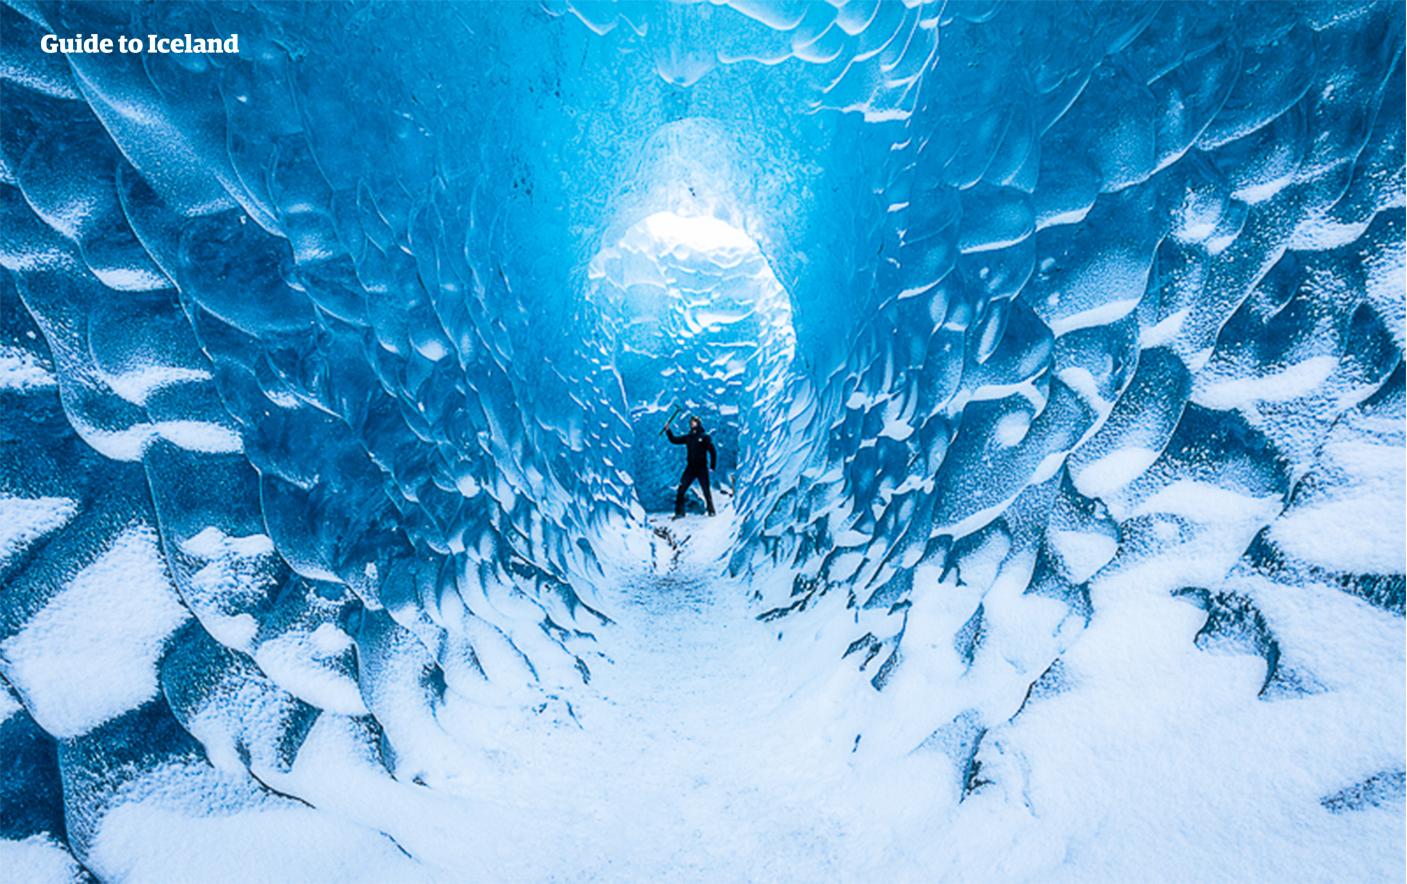 冰川蓝冰洞的美让游人留下了值得回味一生的美丽旅行回忆。